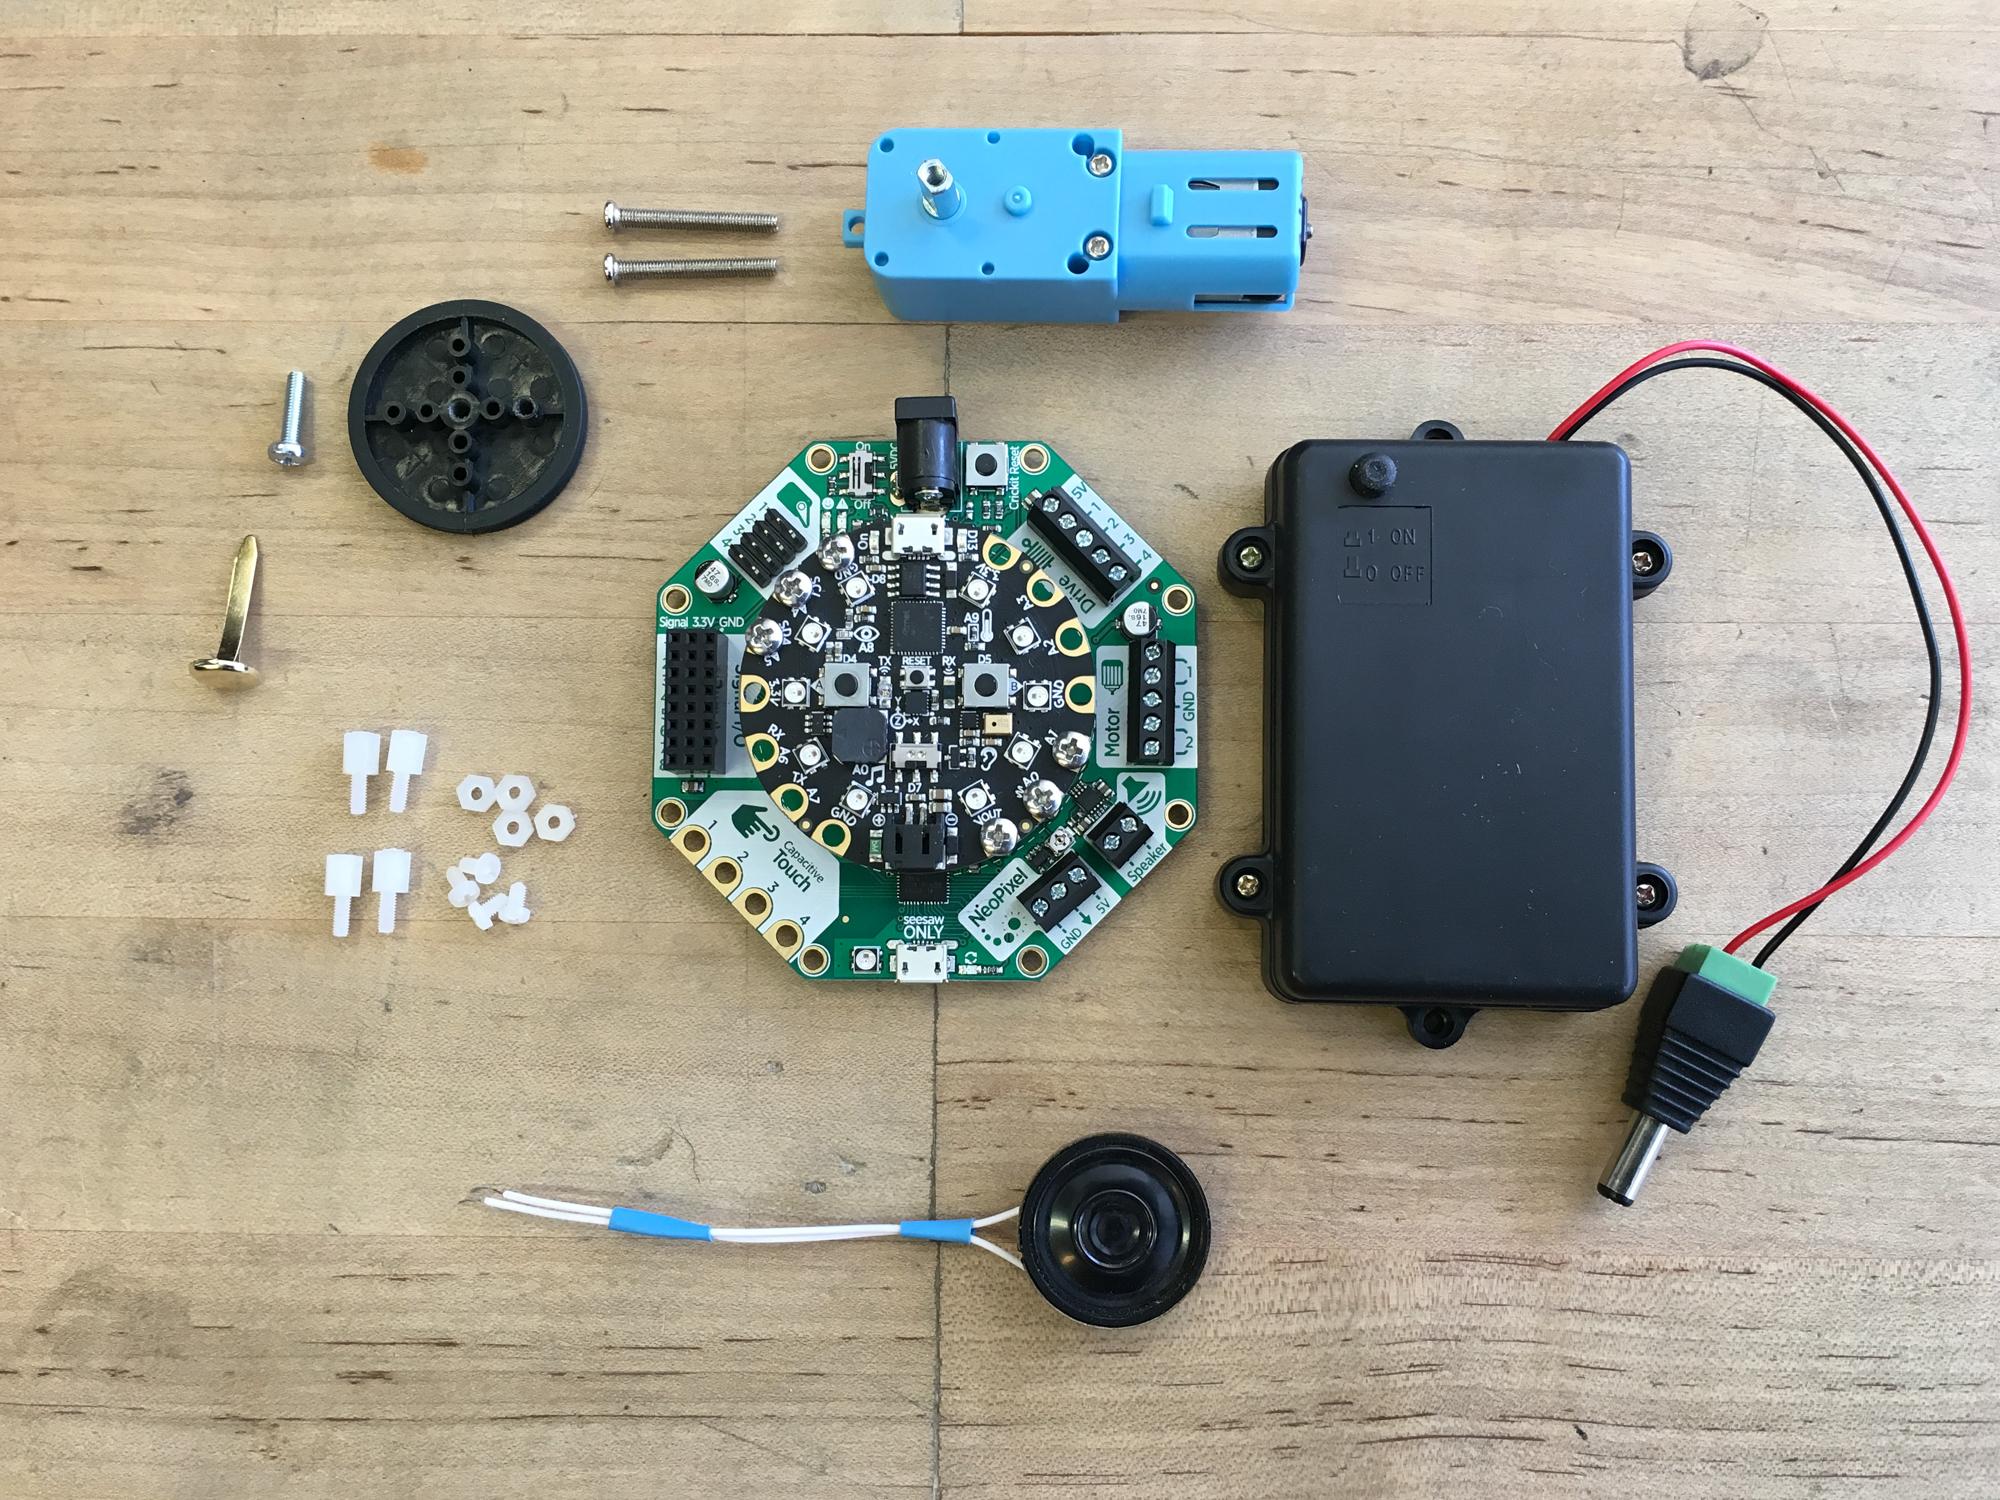 robotics___cnc_uni_bot_0013_2k.jpg